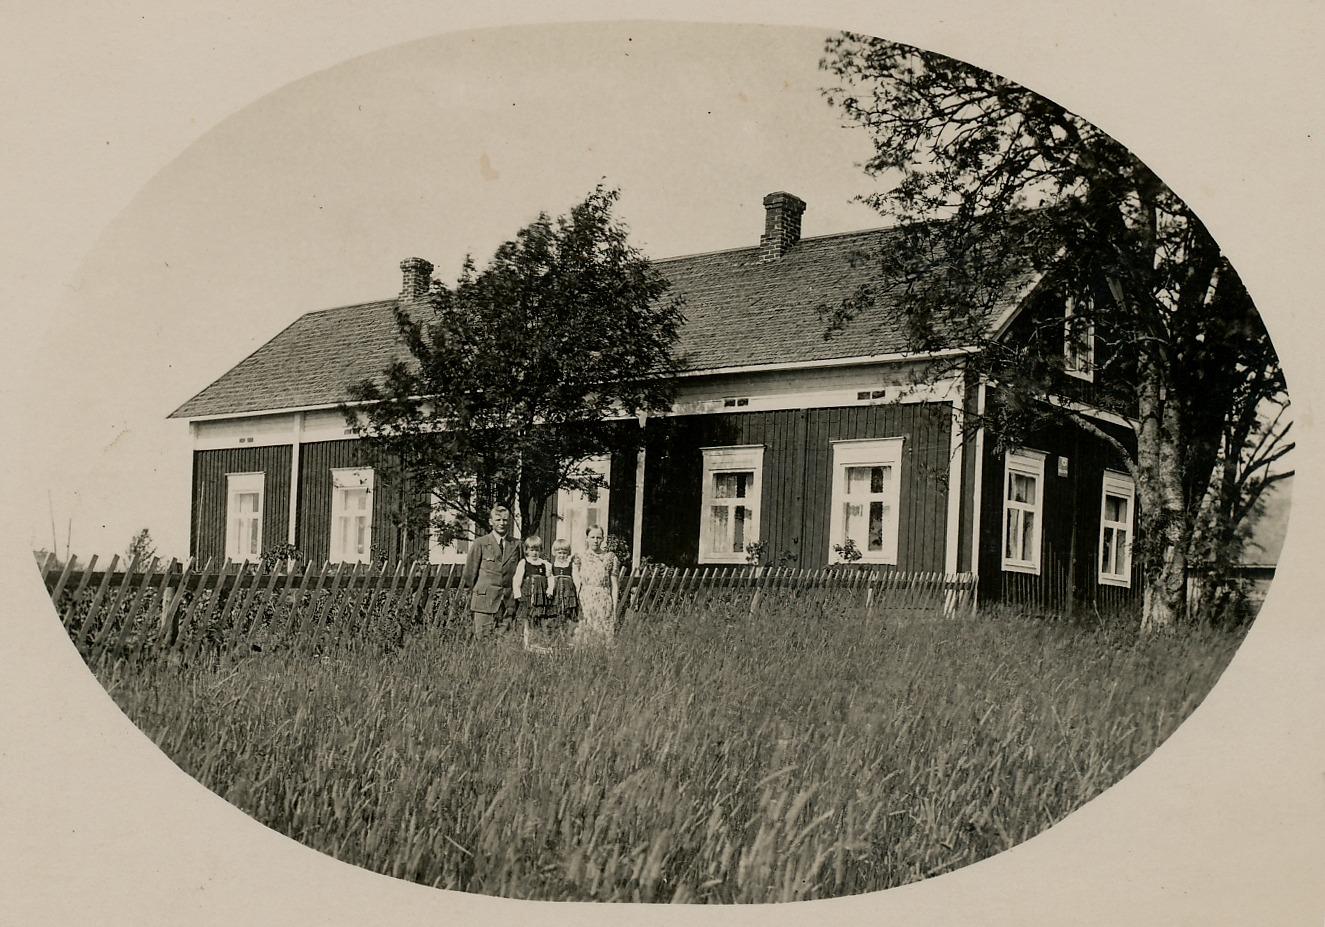 Artur Mitts sålde gården vid flottbron år 1932 åt Georg och Elna Lindedahl från Härkmeri. Detta foto är taget av Arthur Lövholm i mitten på 1930-talet och flickorna med folkdräkter är Karin, gift Storhannus och Elisabeth, gift Svensson.